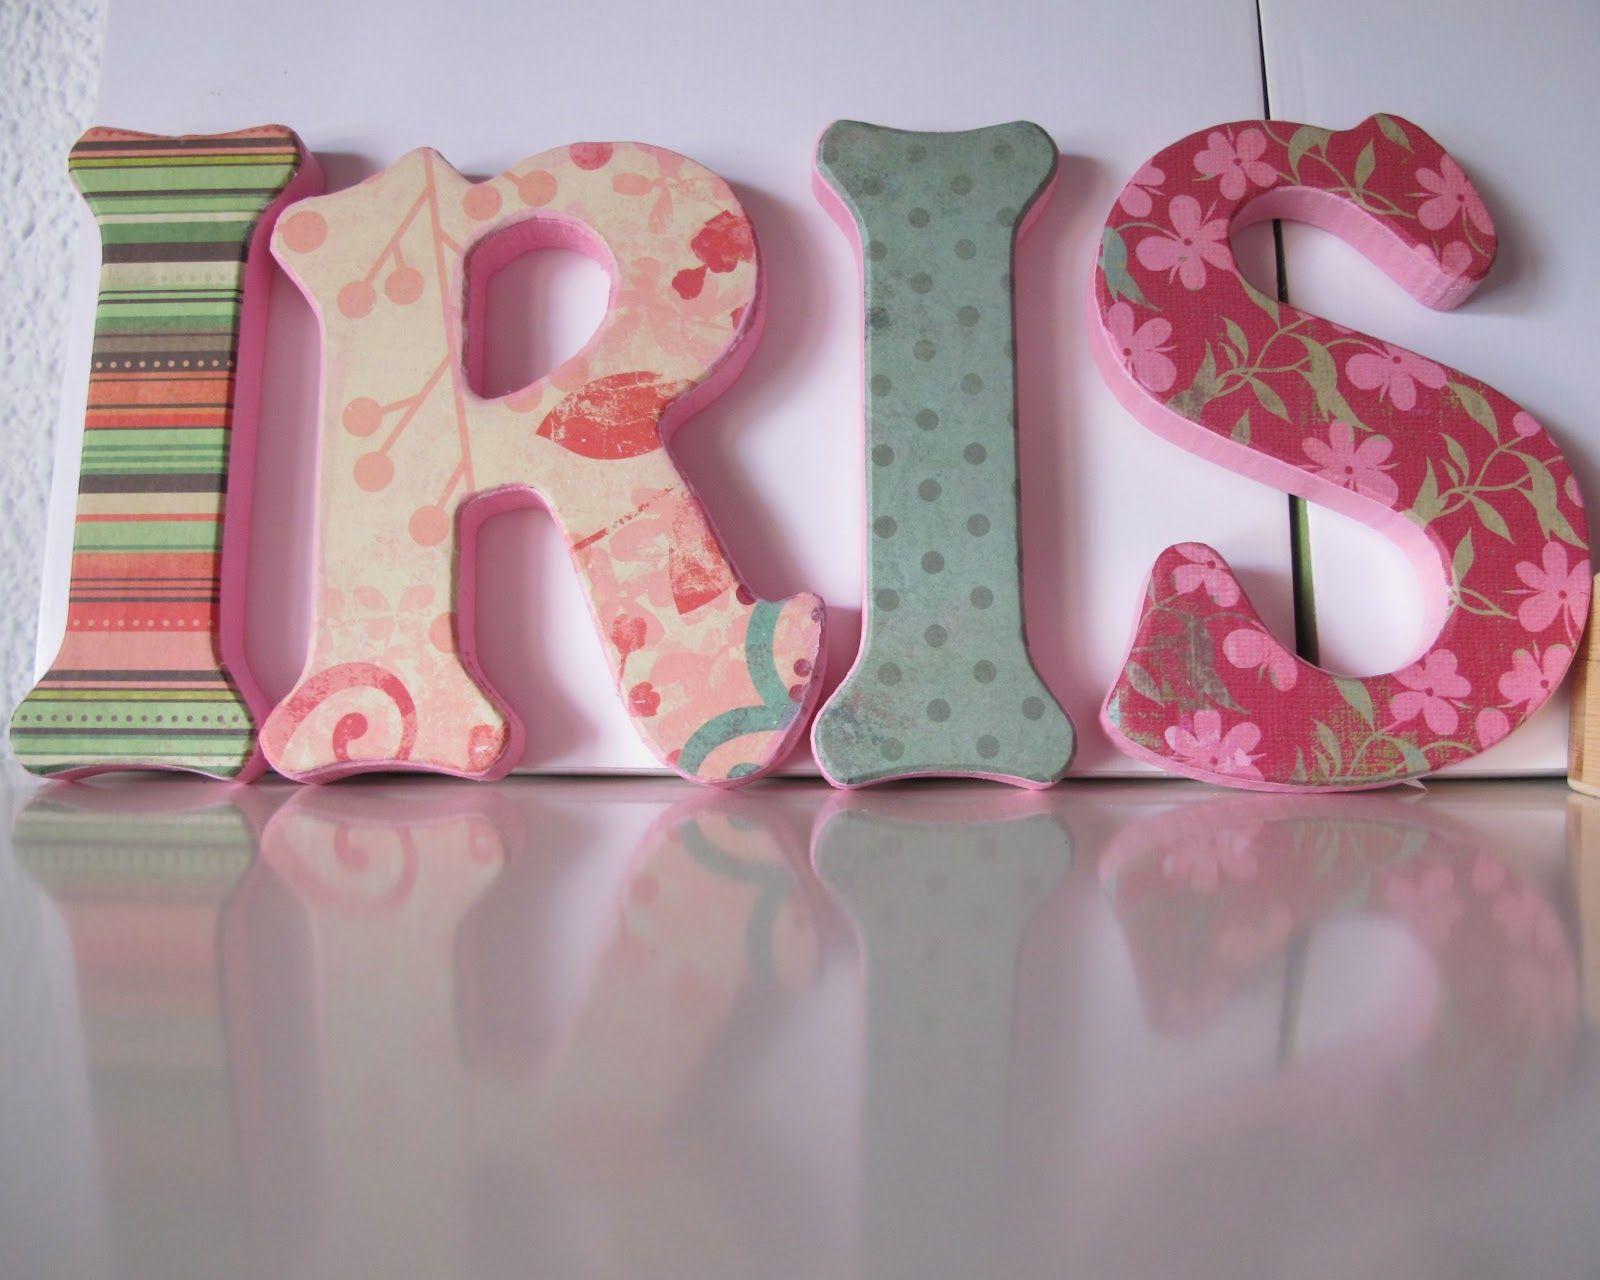 El jard n de los nombres letras decoradas para la for El jardin de las letras